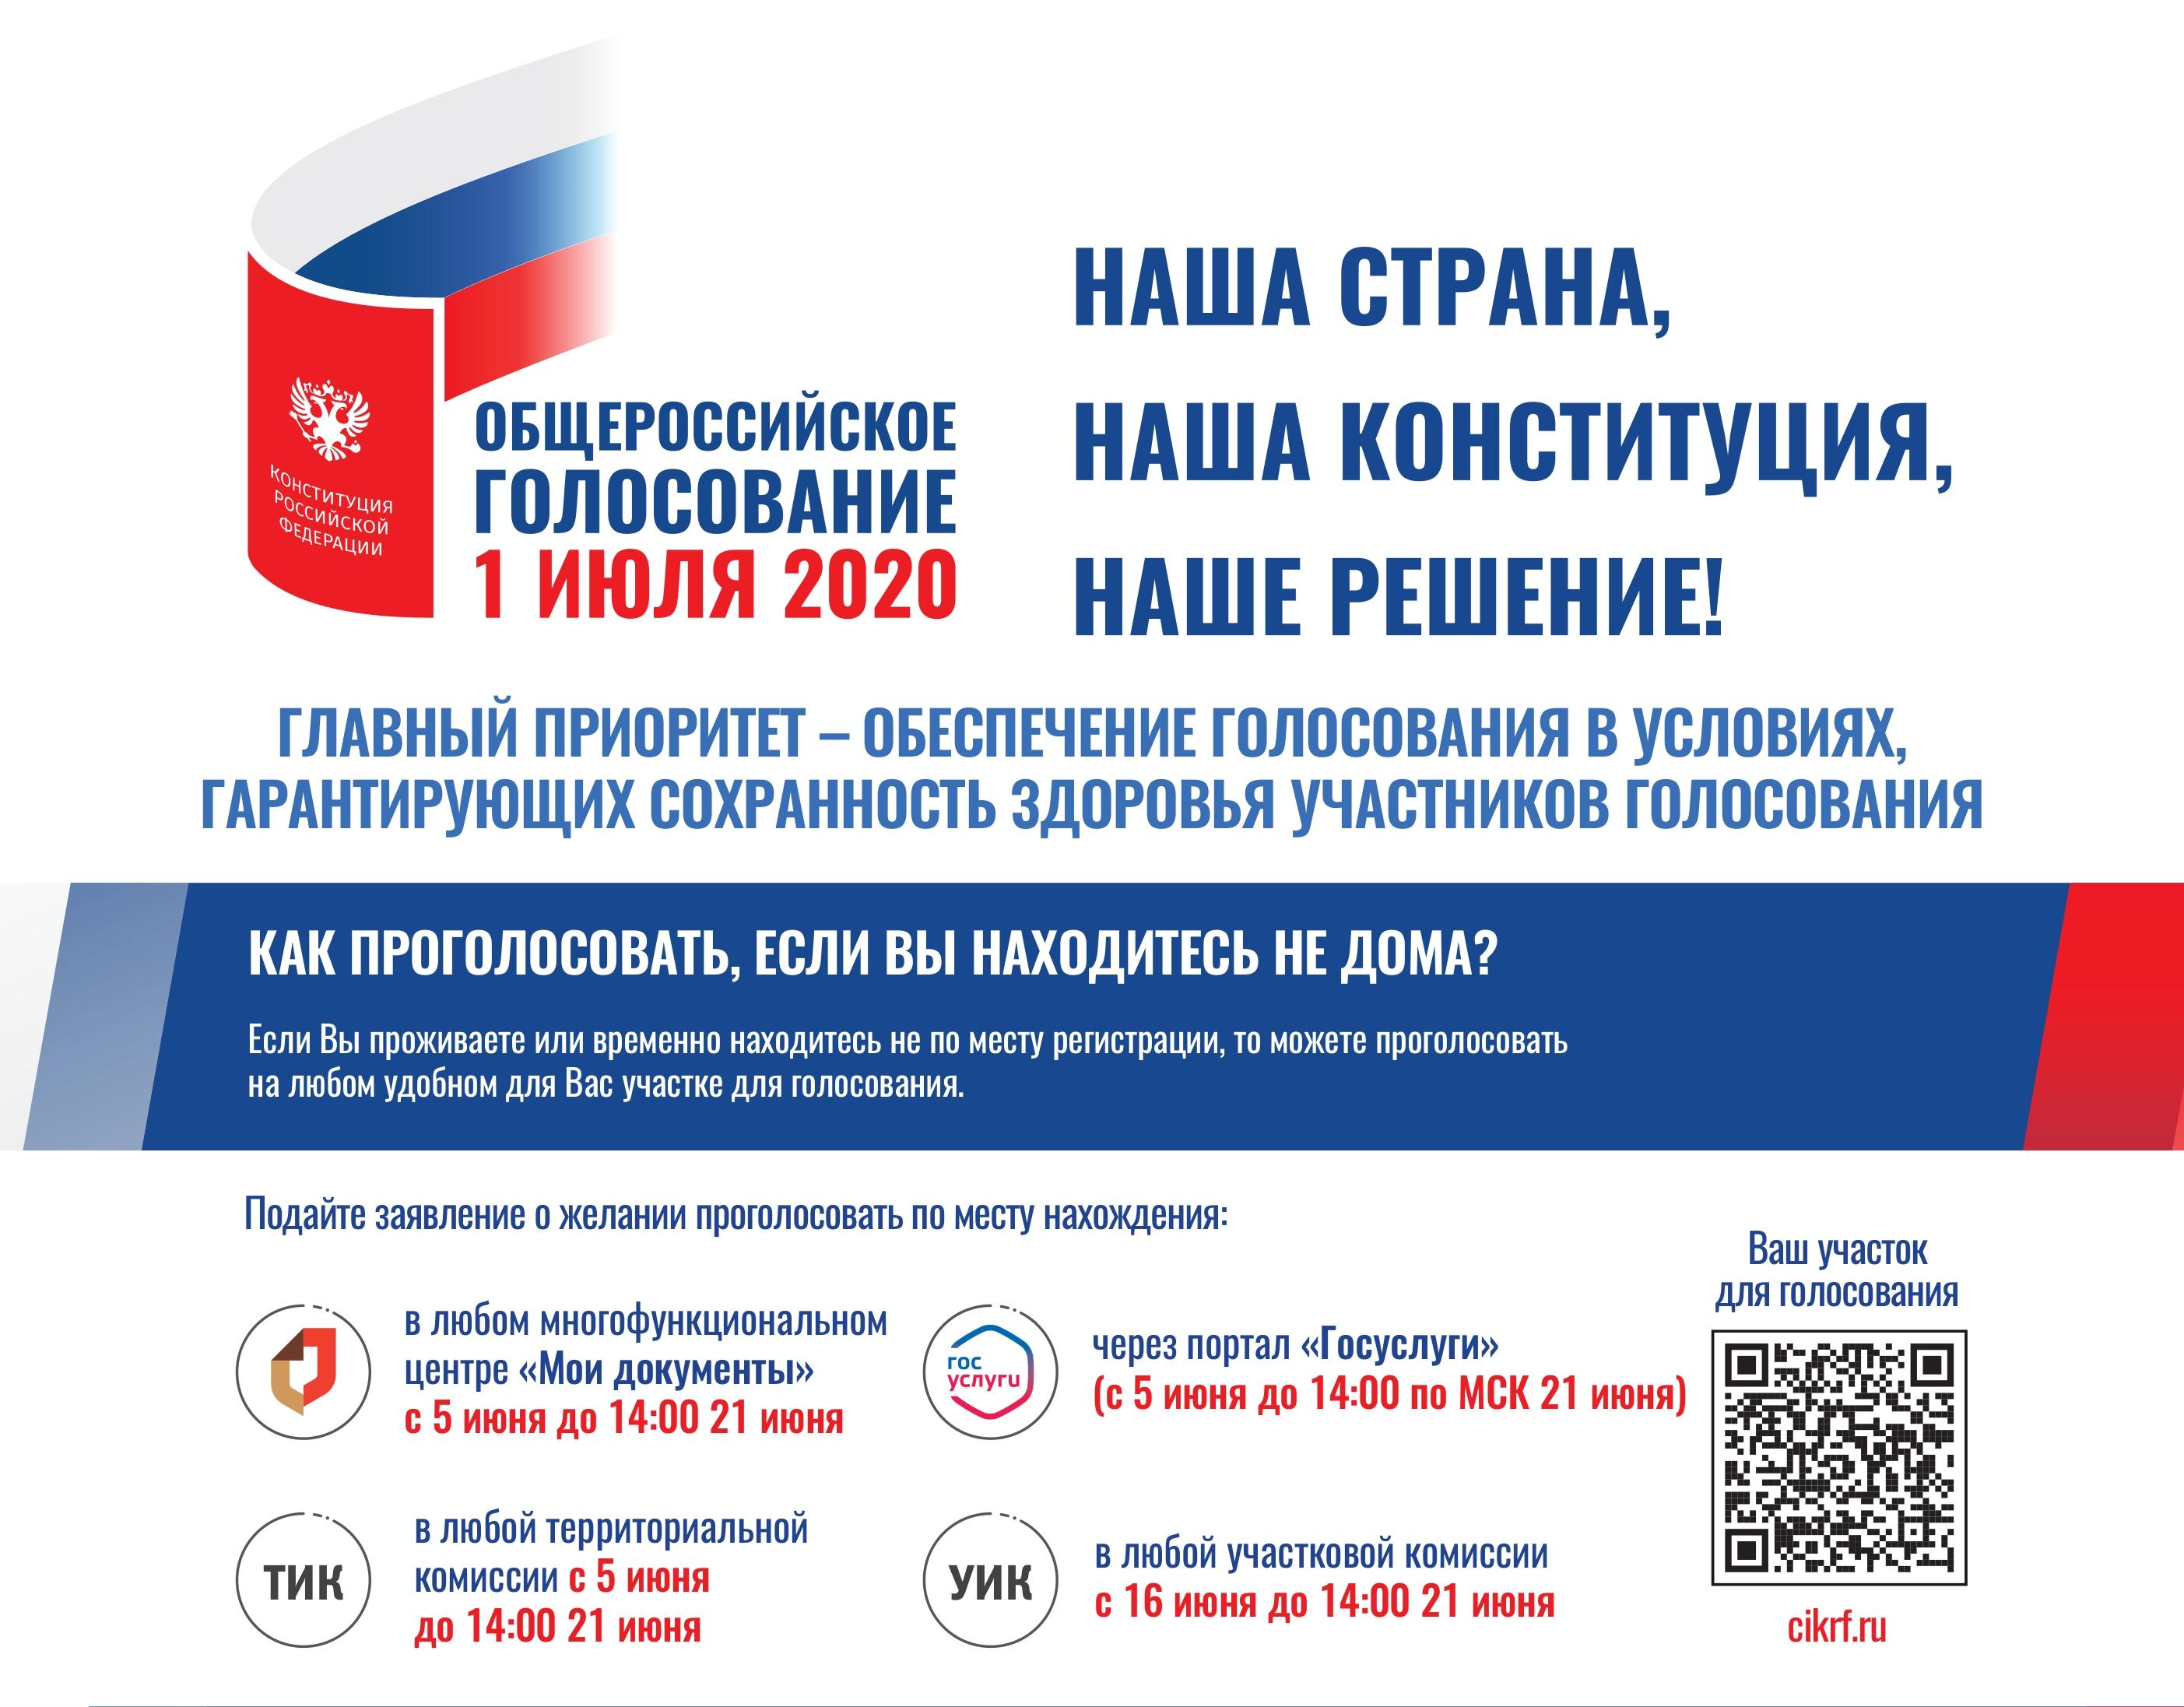 Акция миллион призов – голосование для жителей москвы!